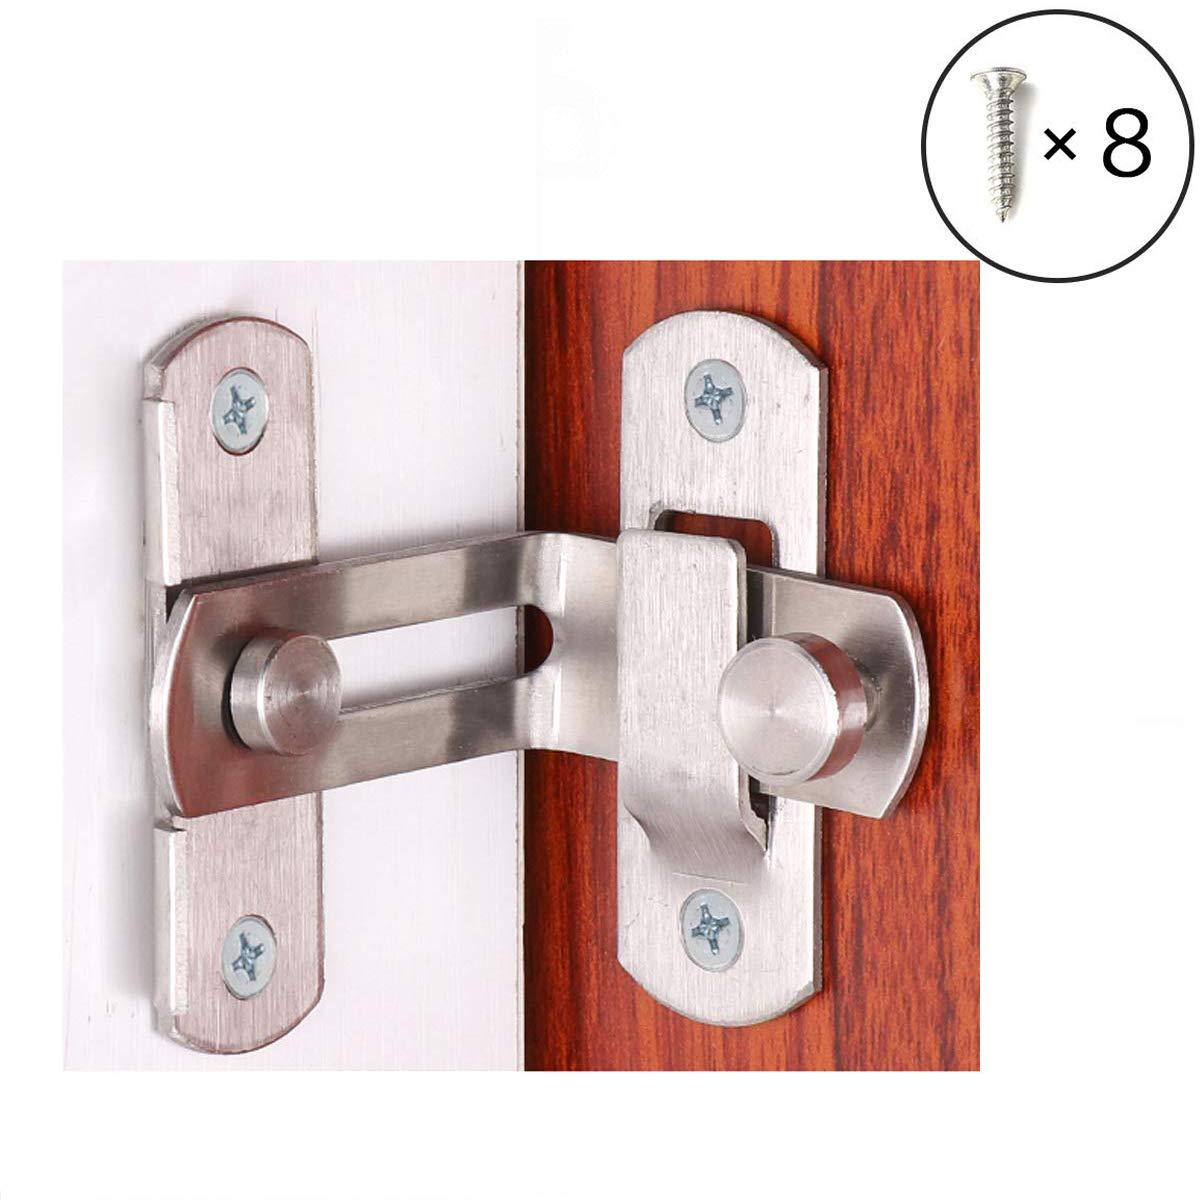 Right angle 90 degree door lock buckle door and window lock lock sliding door lock sliding door home door lock(2pcs) by ming